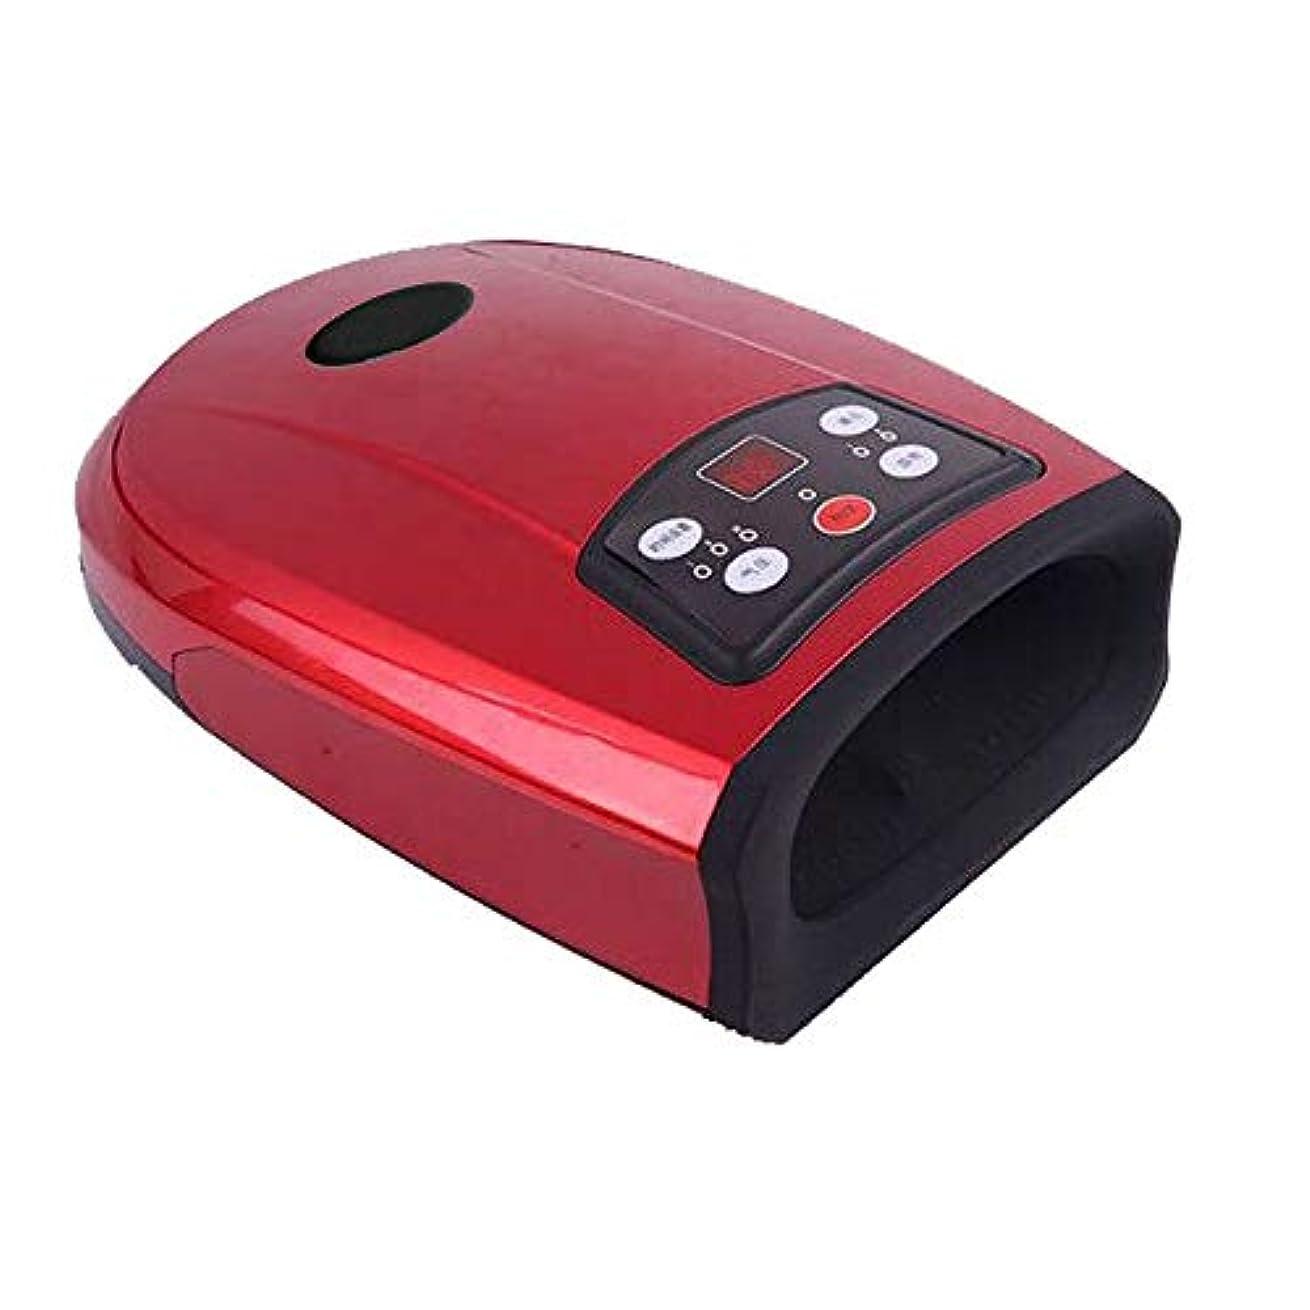 専門化する遊具致命的指のための空気圧熱圧縮装置が付いている指圧のやし手のマッサージ緊張のしびれの救助および血の循環の加速,Red